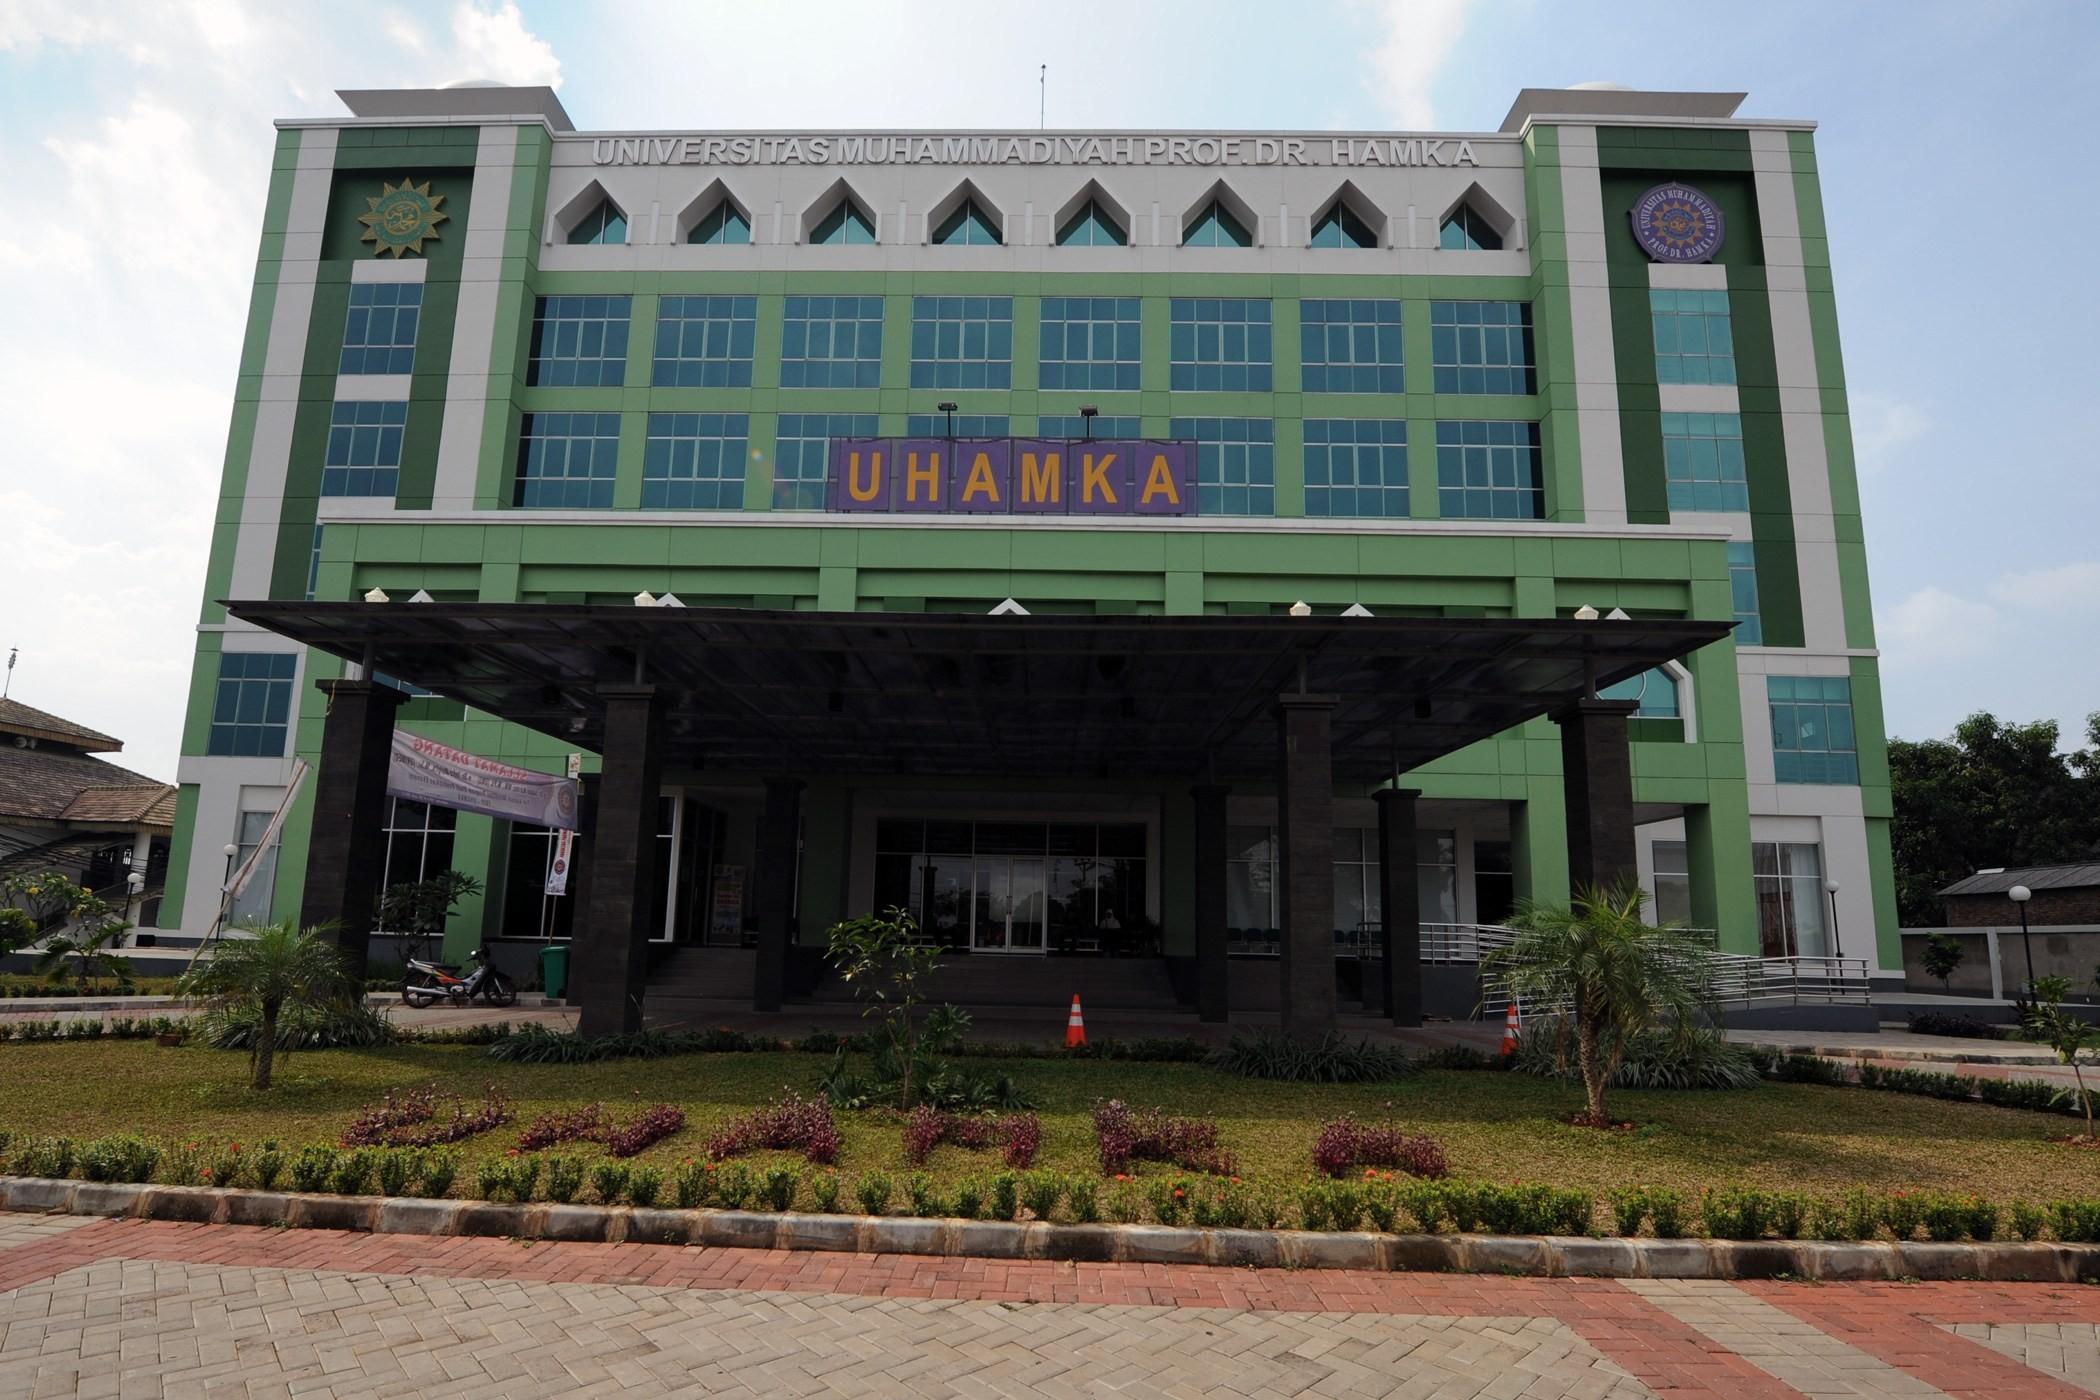 Gedung kampus UHAMKA